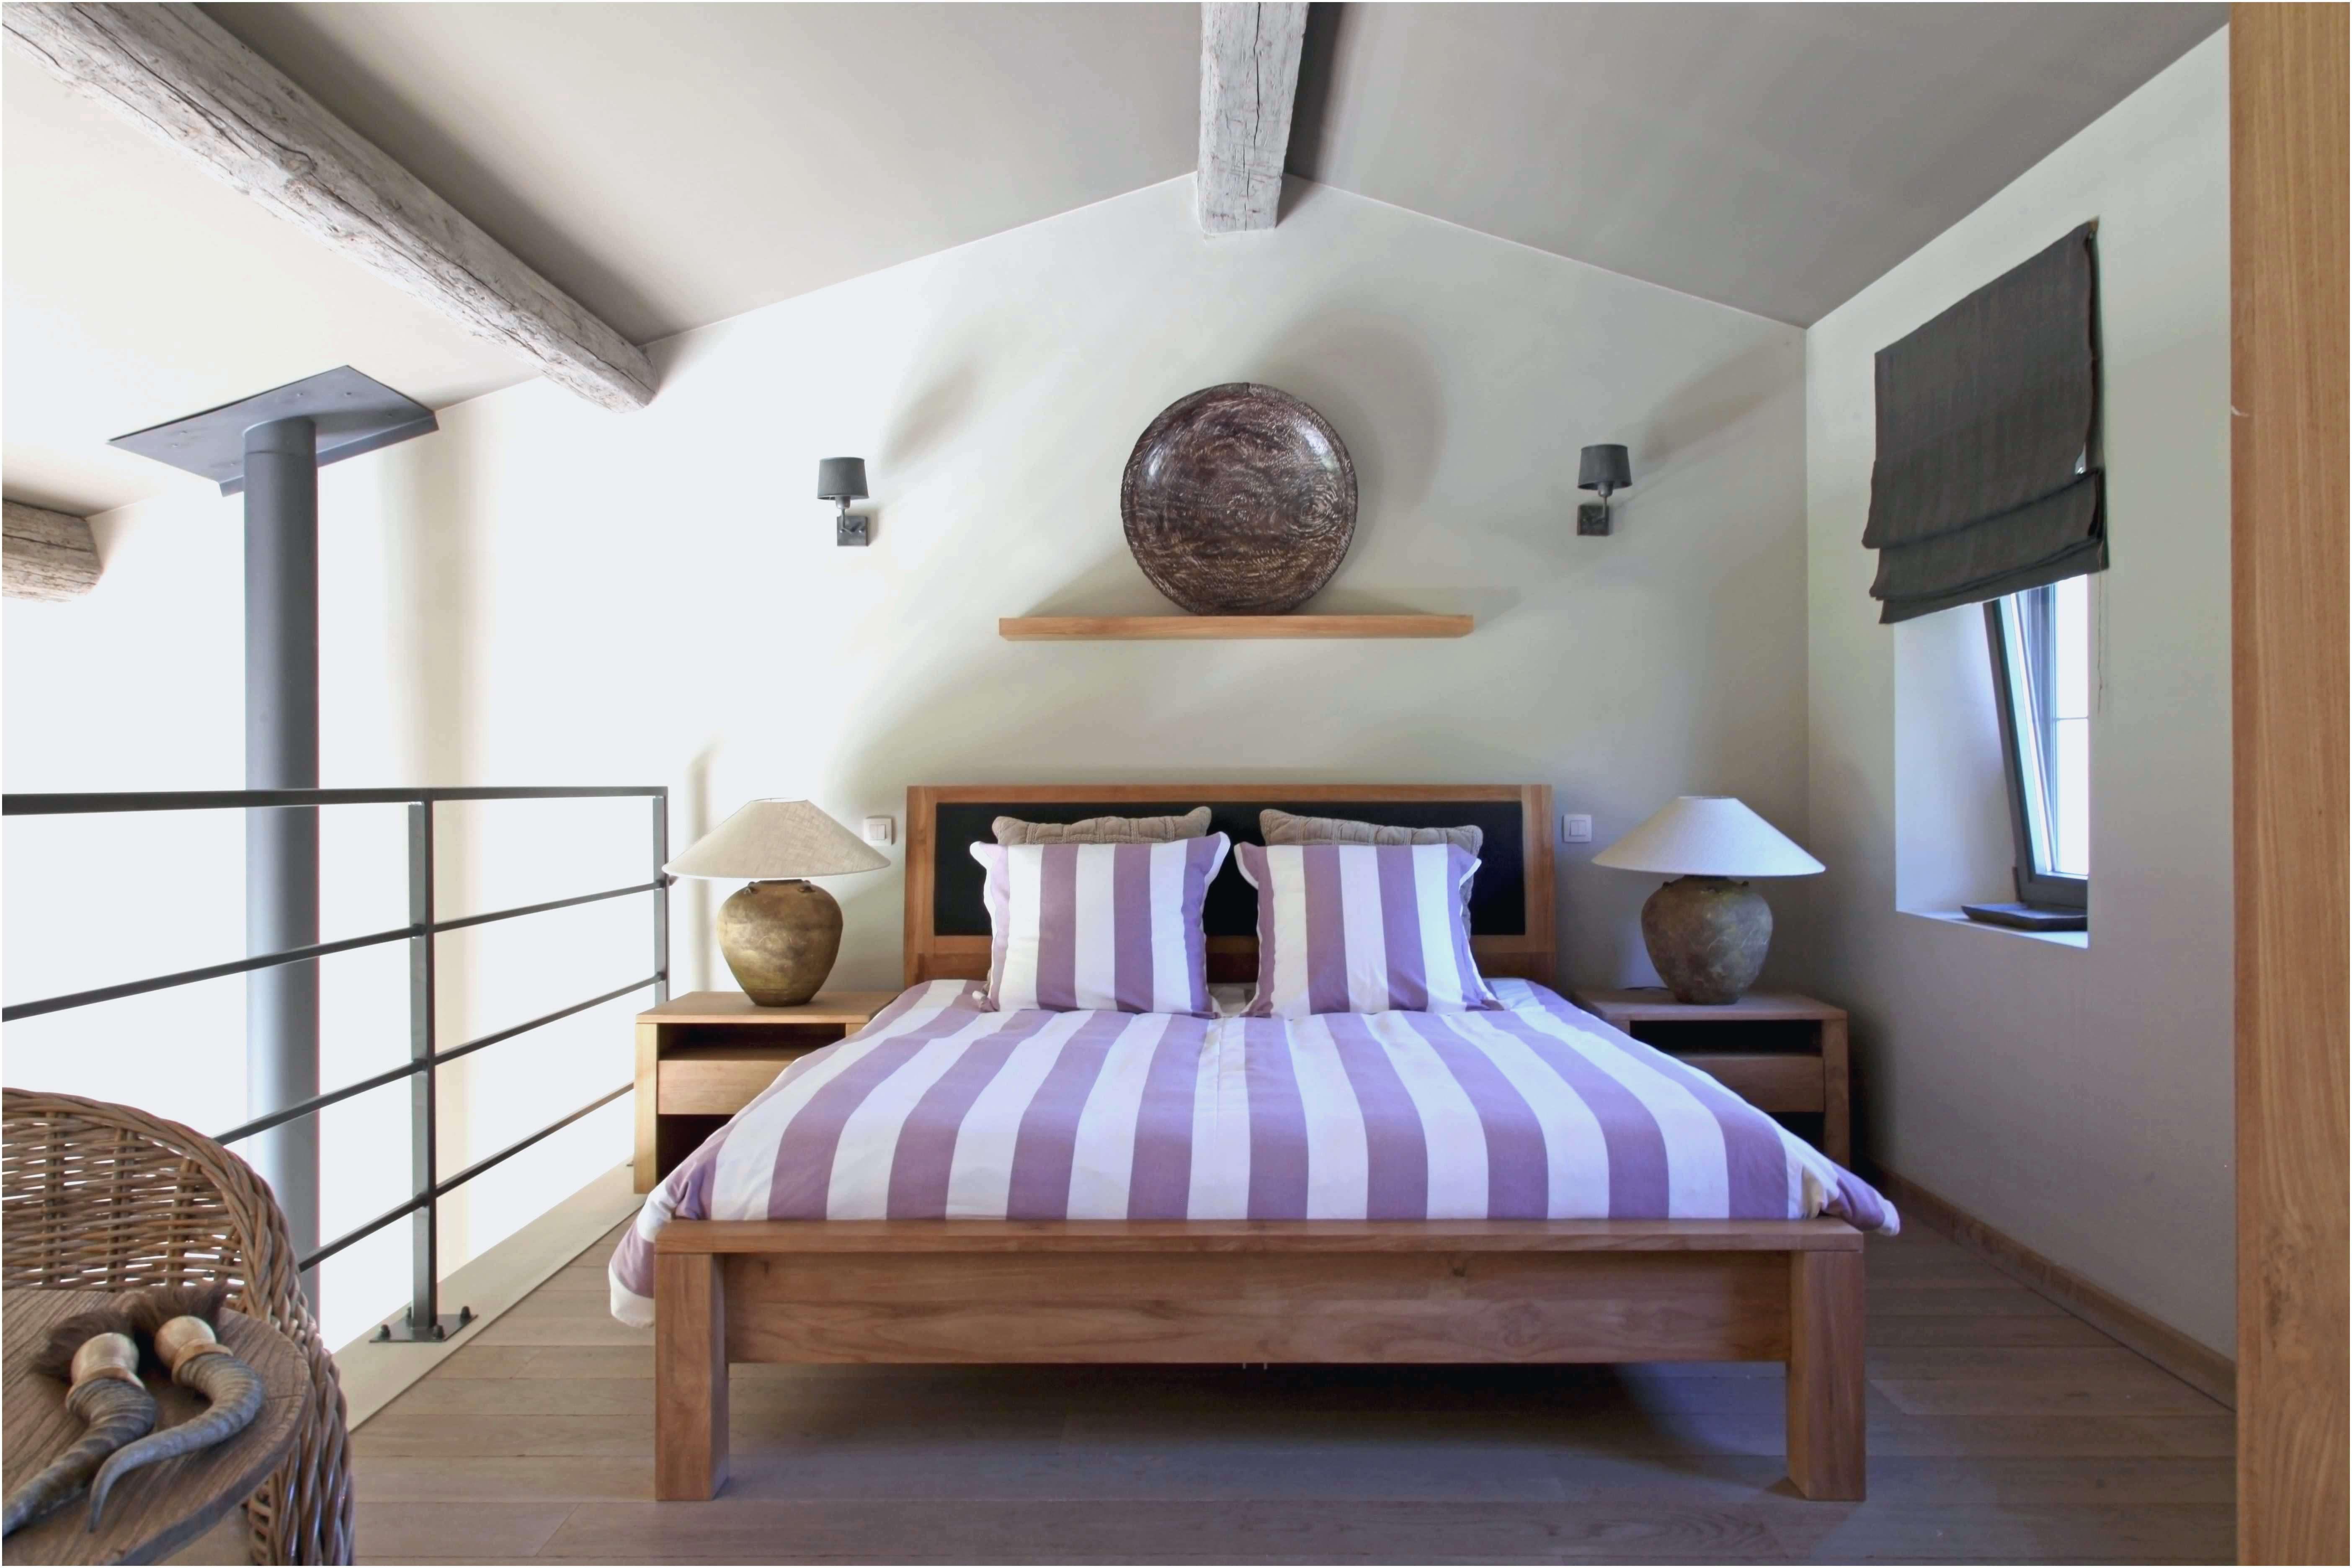 Impressionnant Chambre toit En Pente Pour Option Aménagement sous